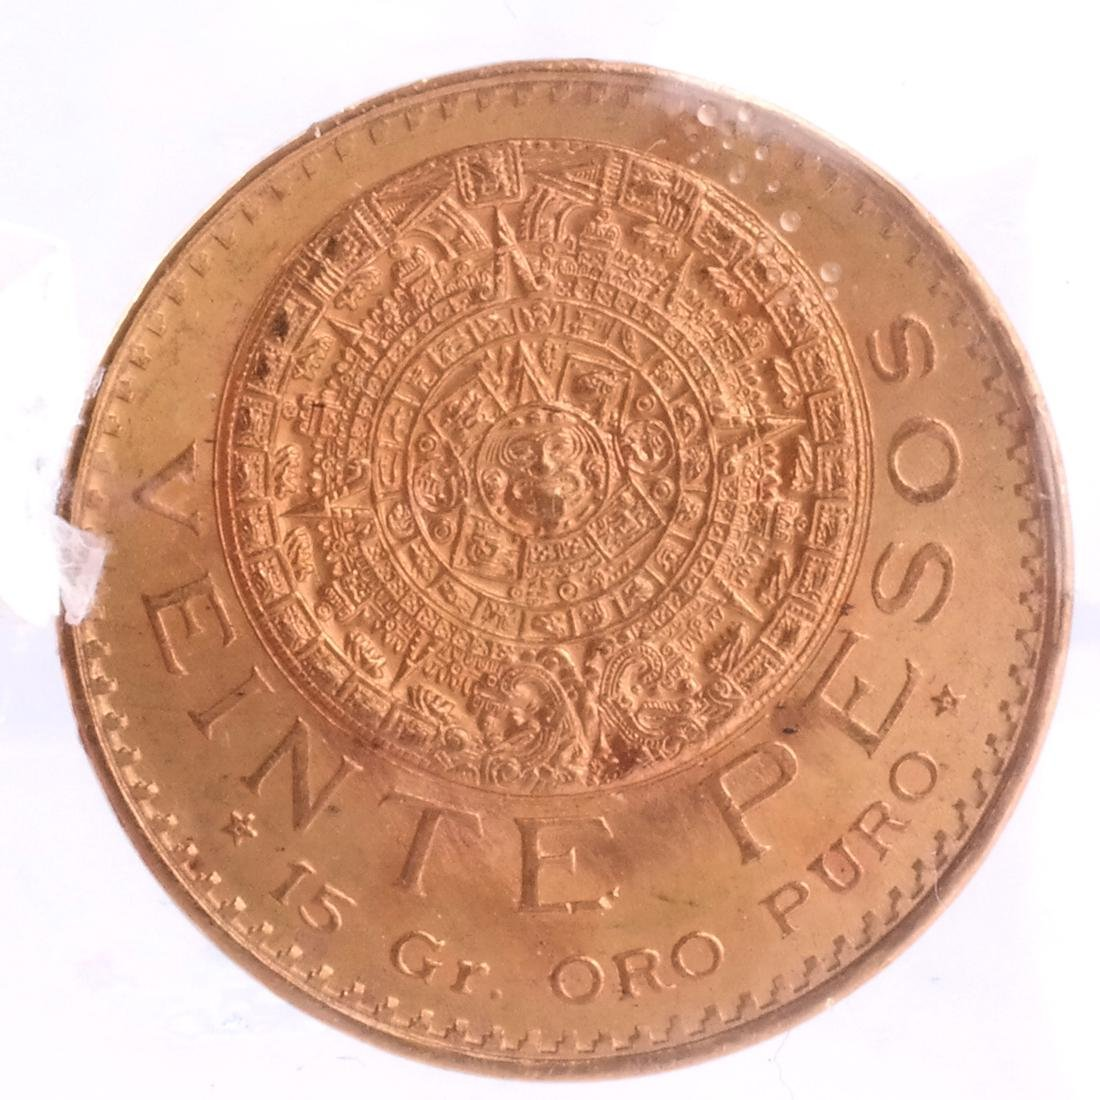 1959 Mexico Veinte Pesos Gold Coin